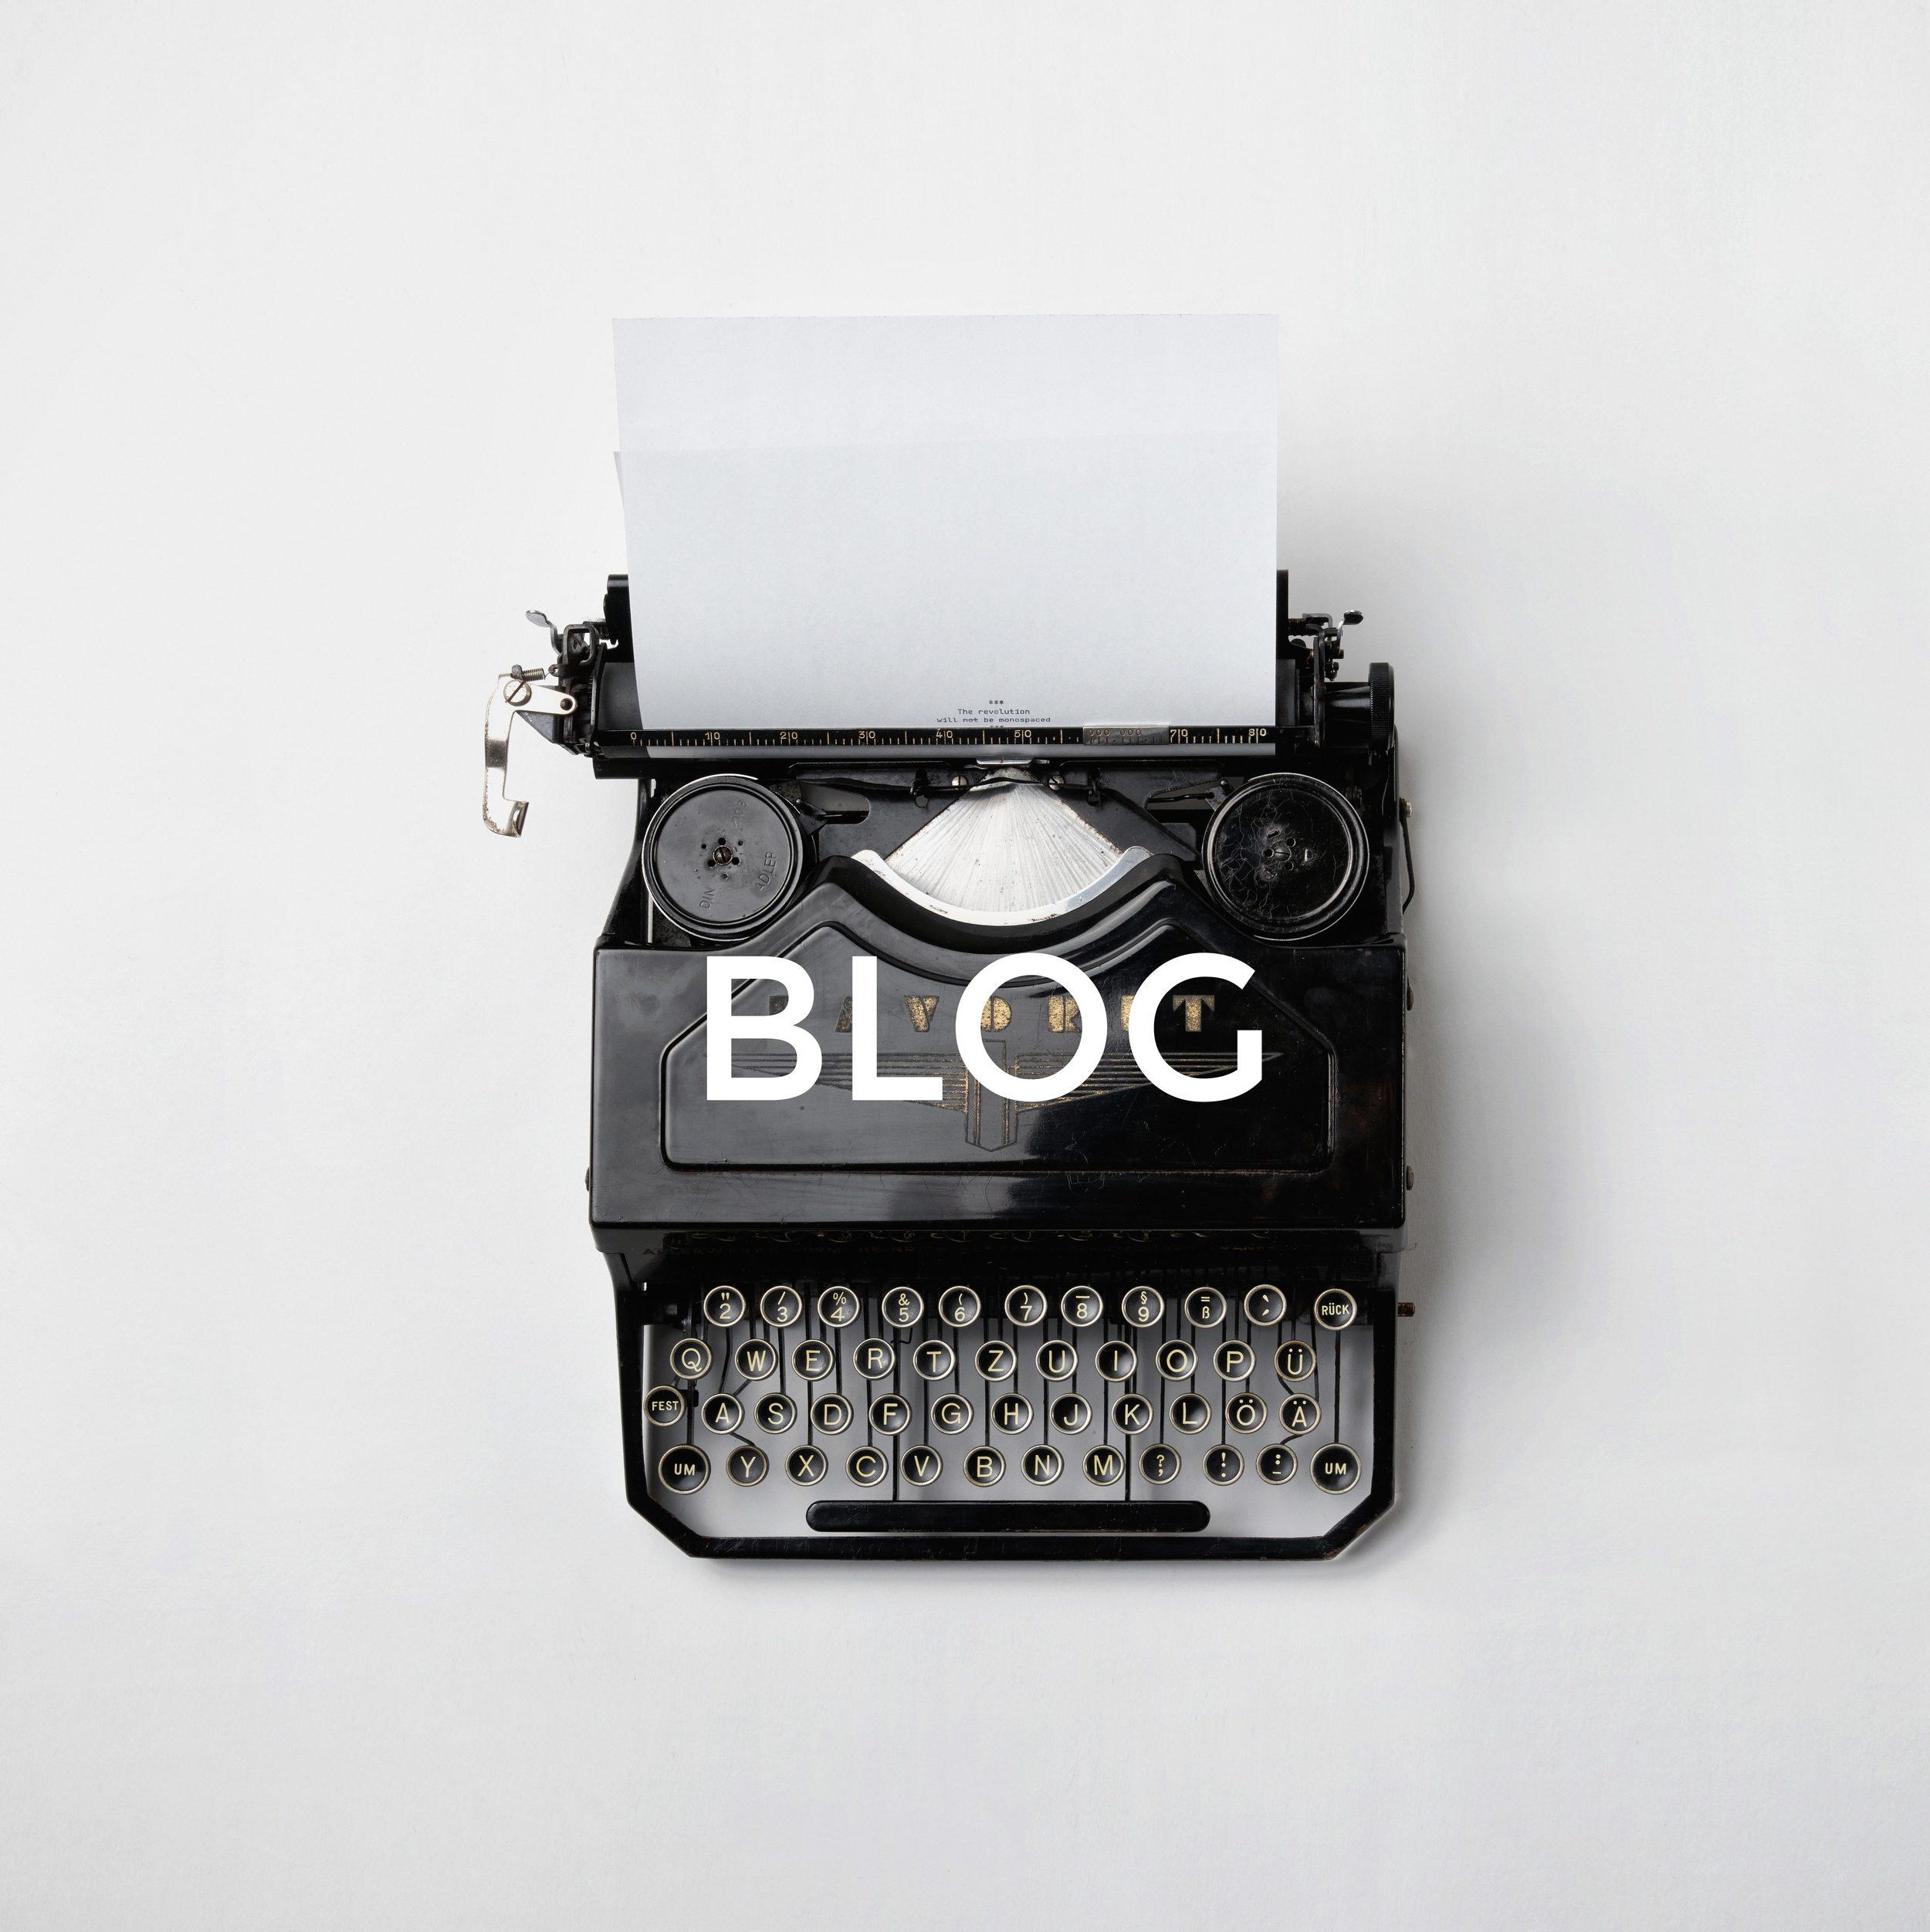 CC0-Typewriter-optimised-text2.jpg